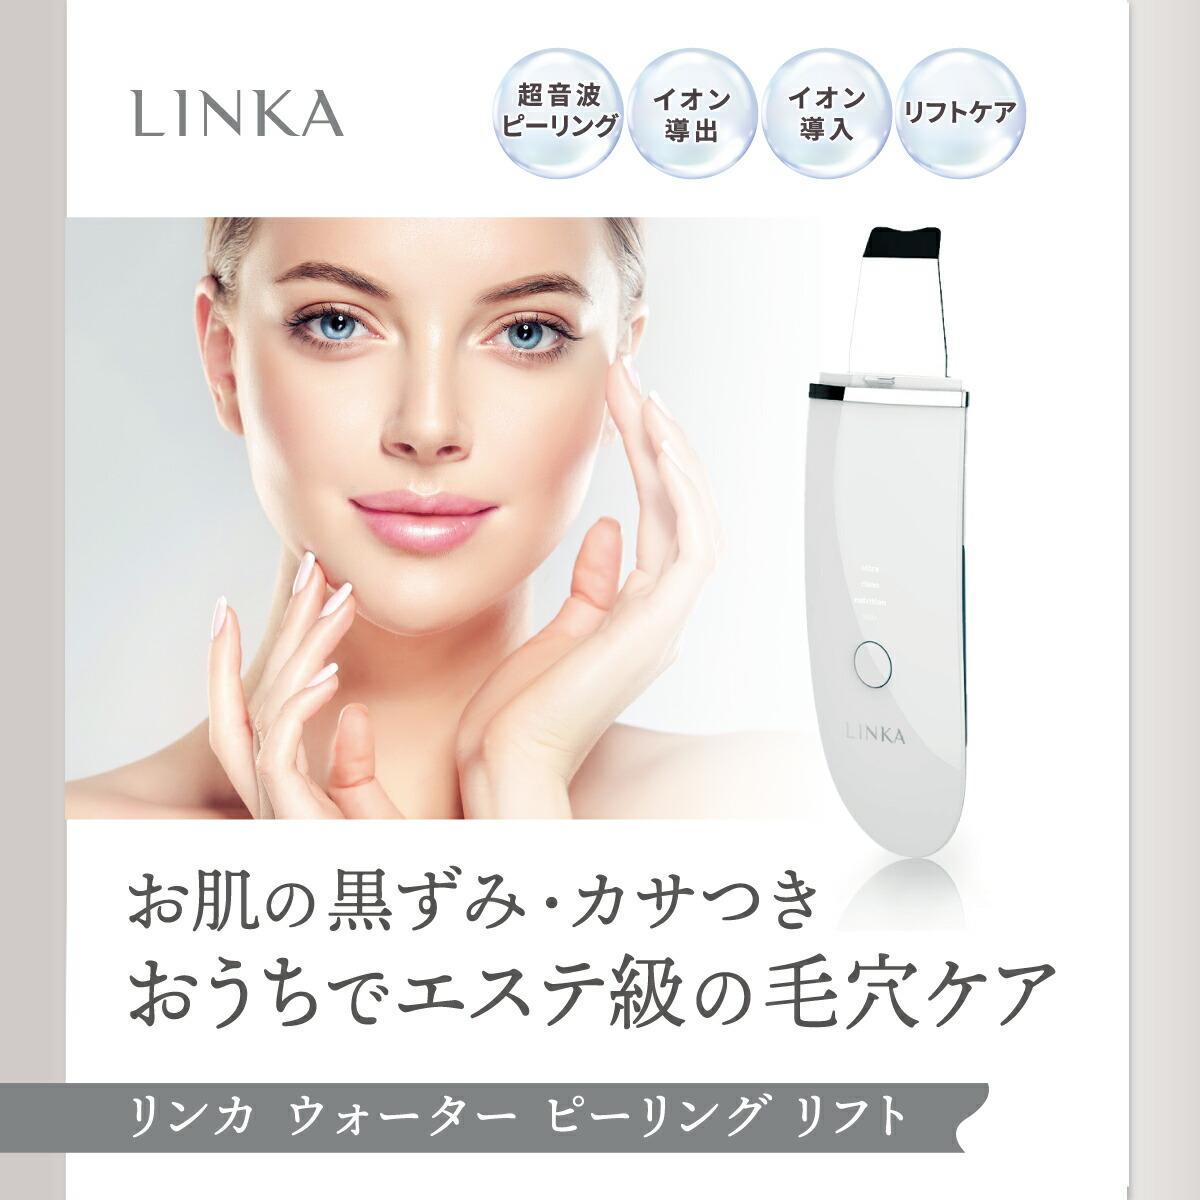 LINKA ウォーター ピーリング リフト商品画像2